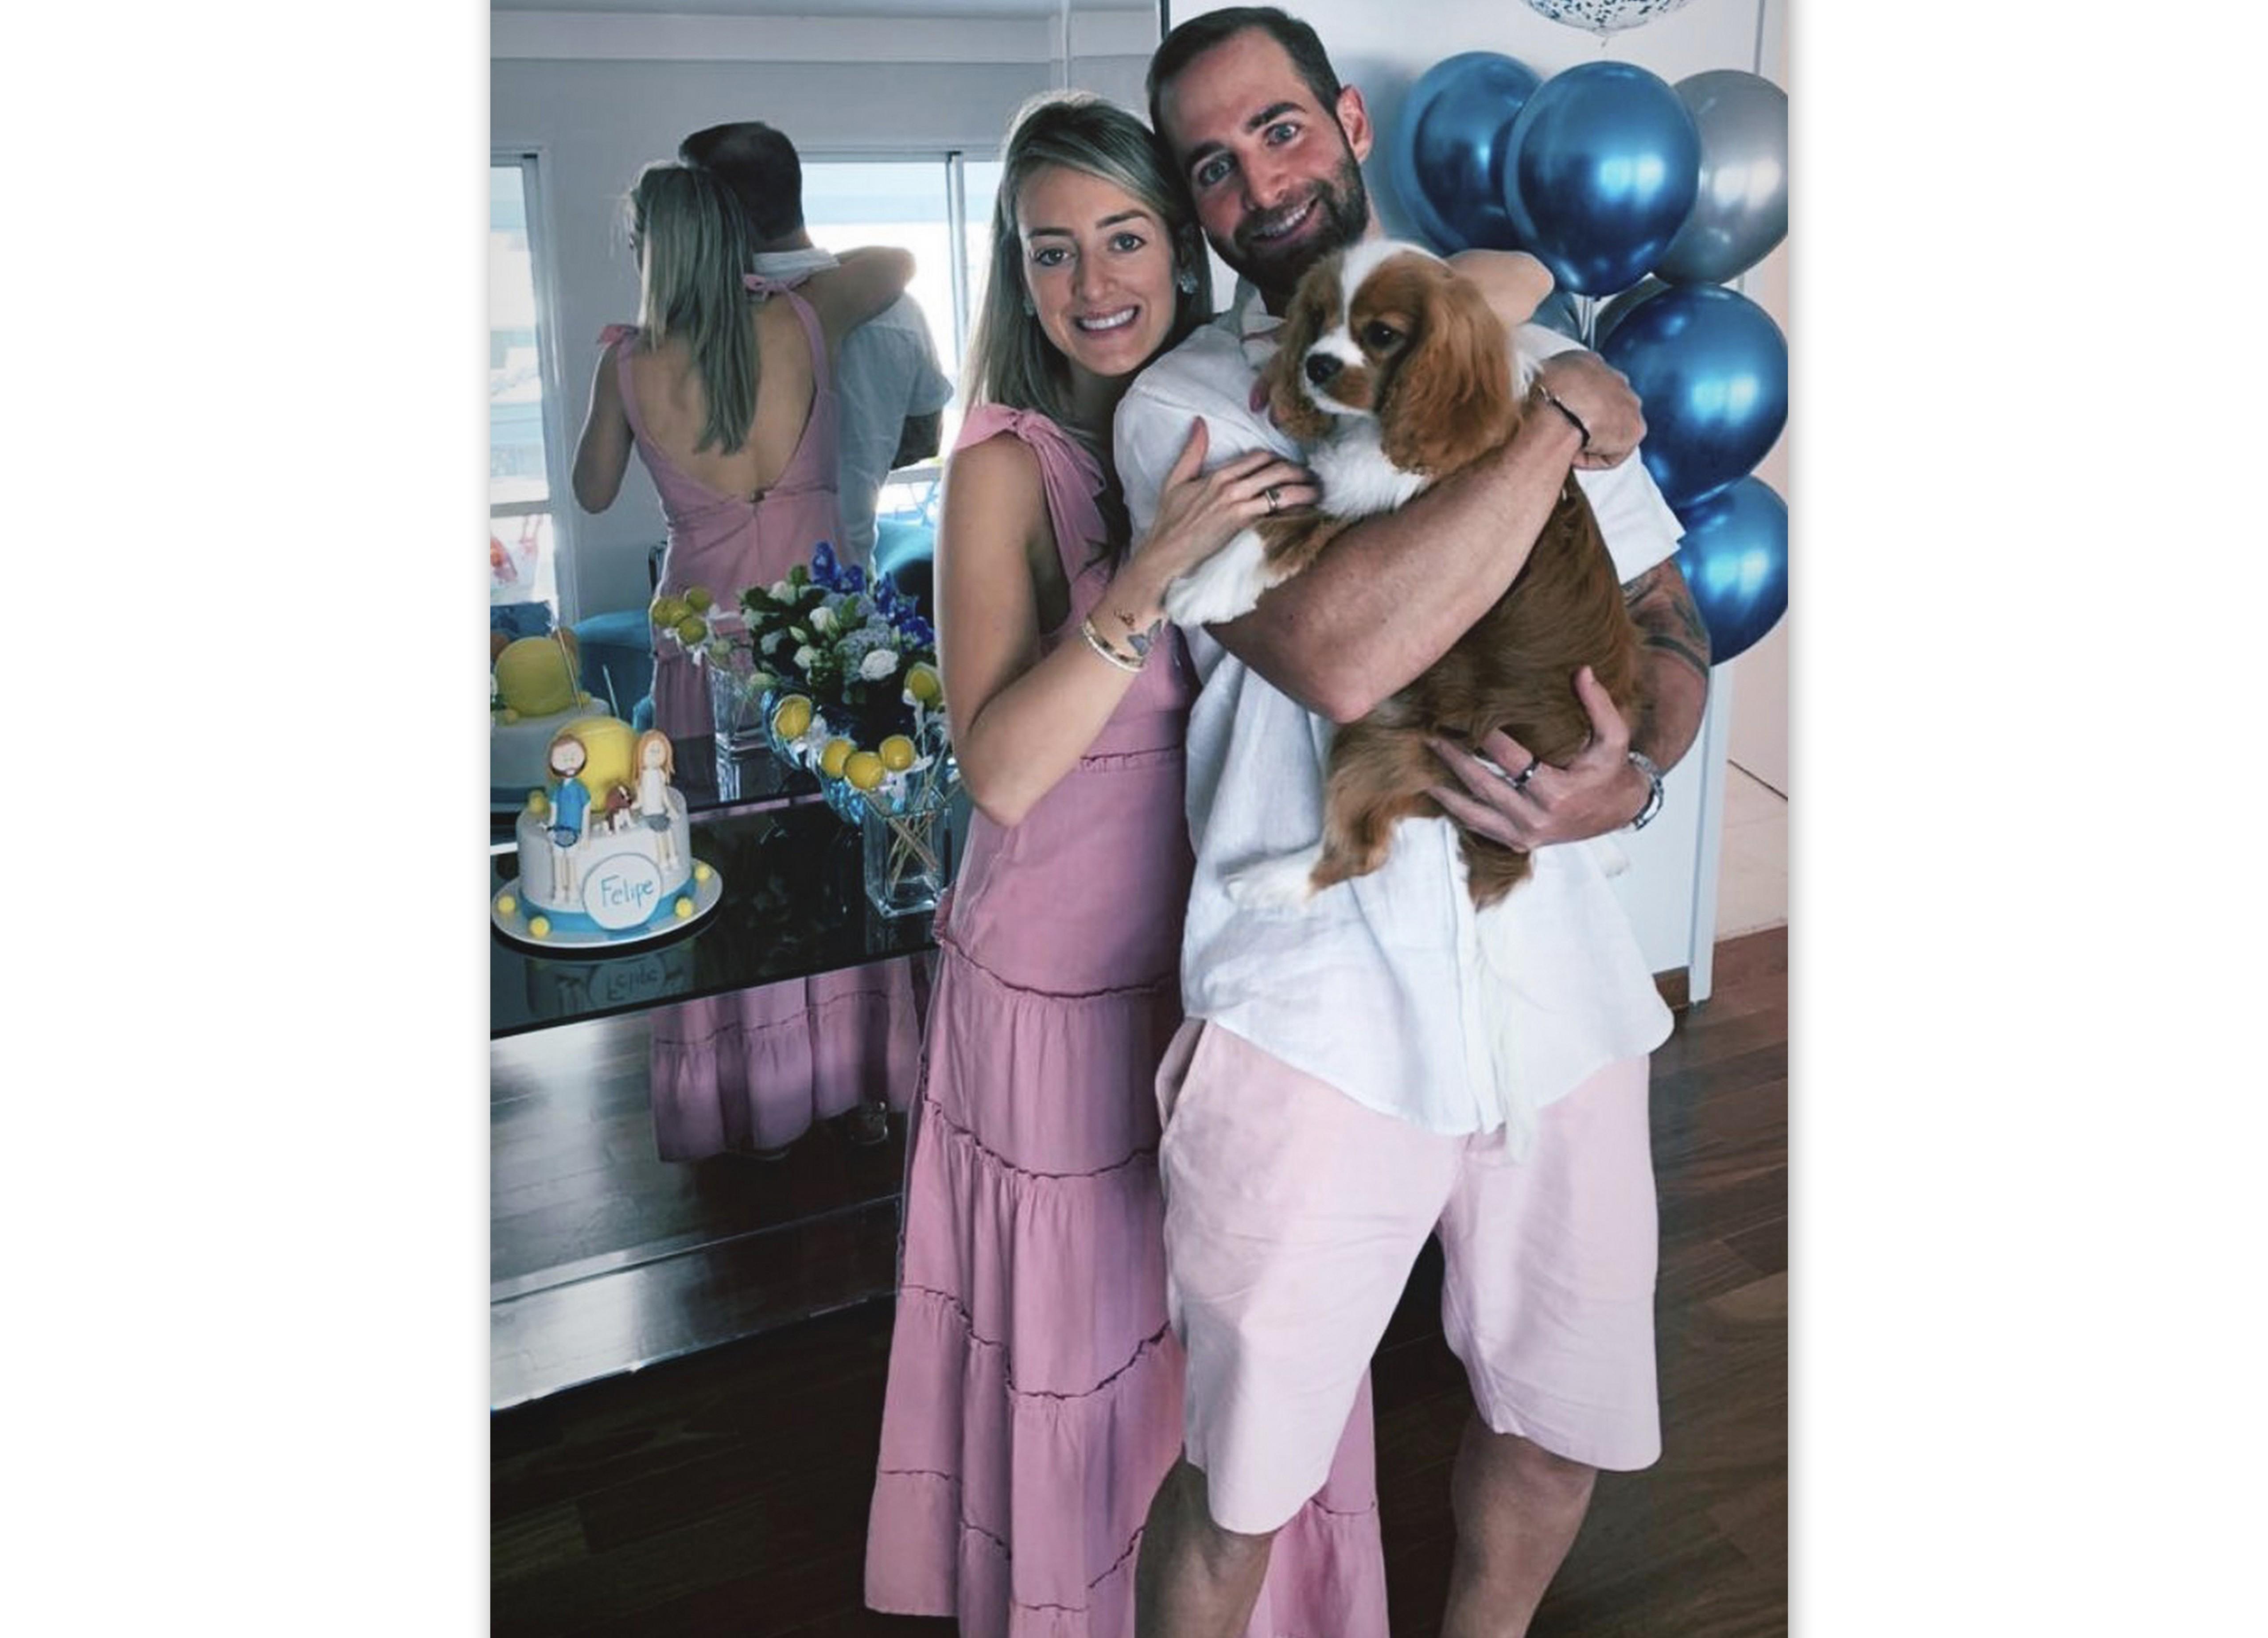 Felipe Malheiros comemorou o aniversário ao lado da namorada Samantha Coltro e do dog Dendê, em São Paulo.